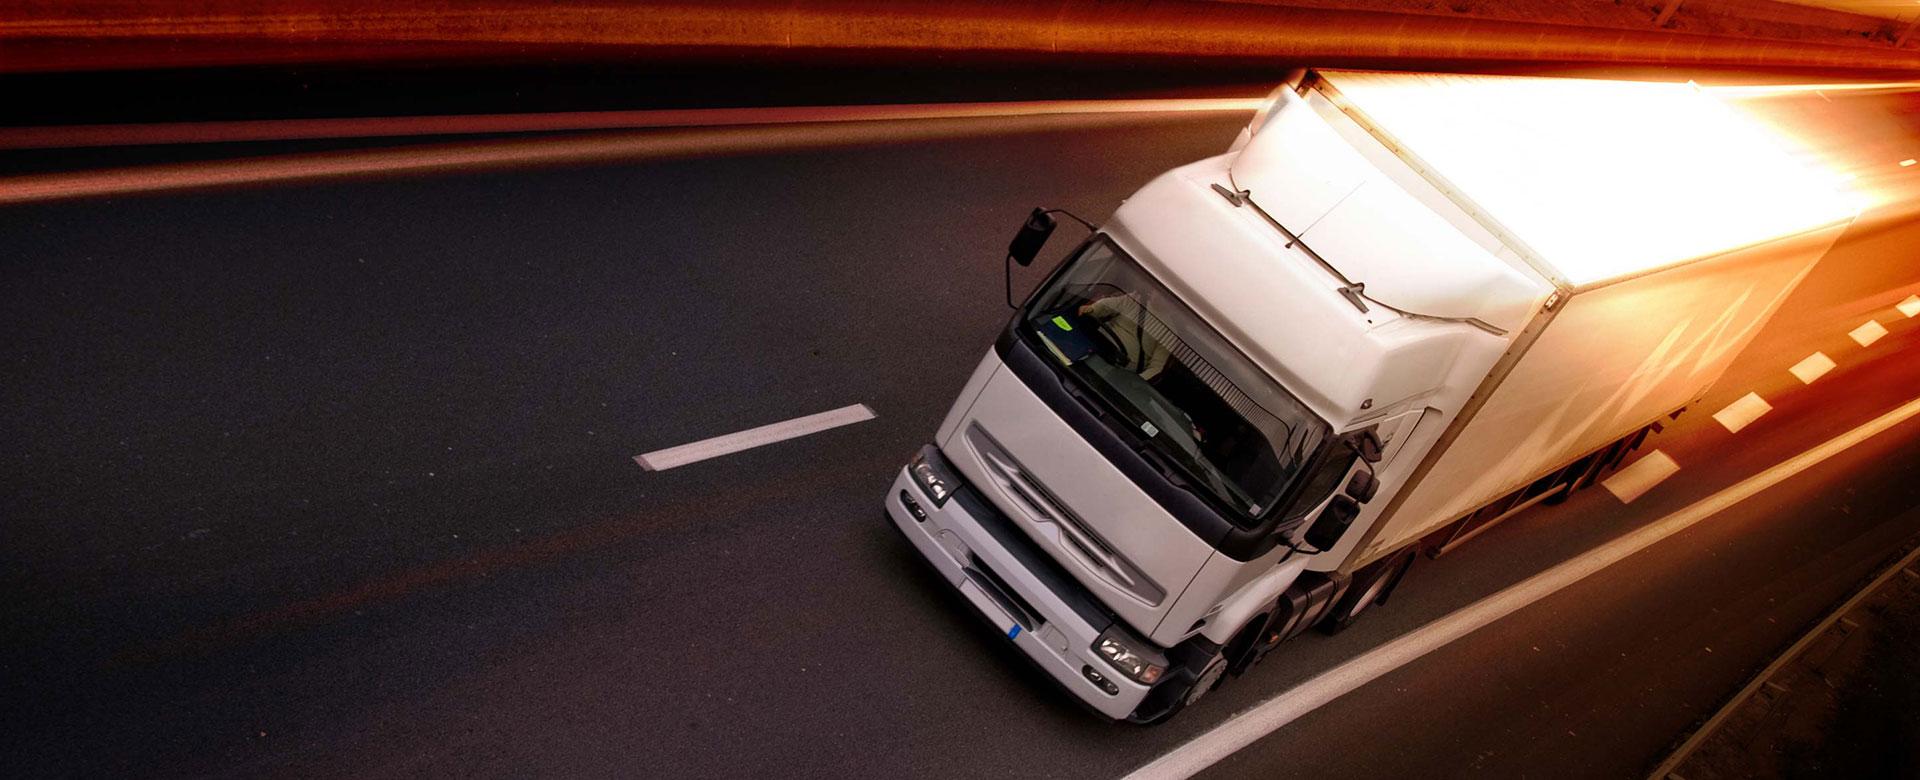 تاريخ نقل الشركة بالشاحنات